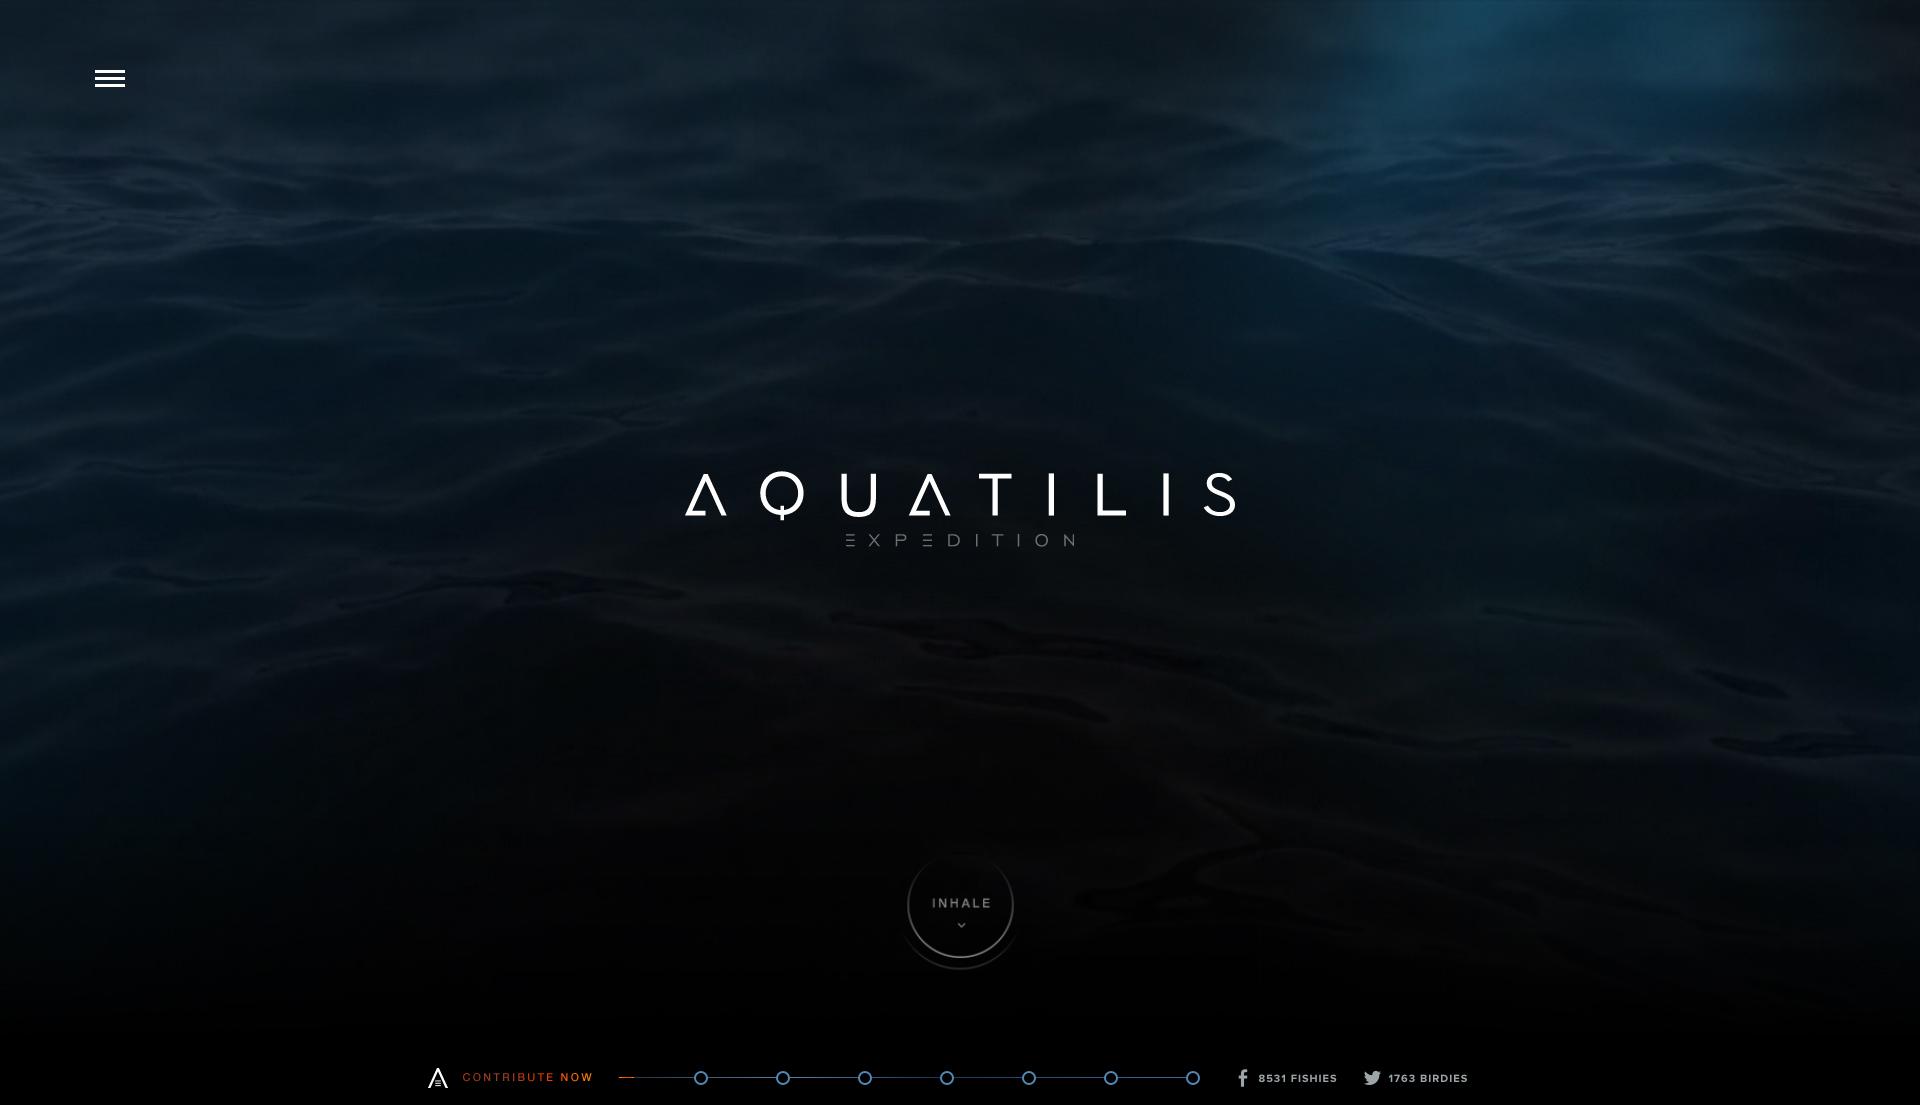 Aquatilis 01